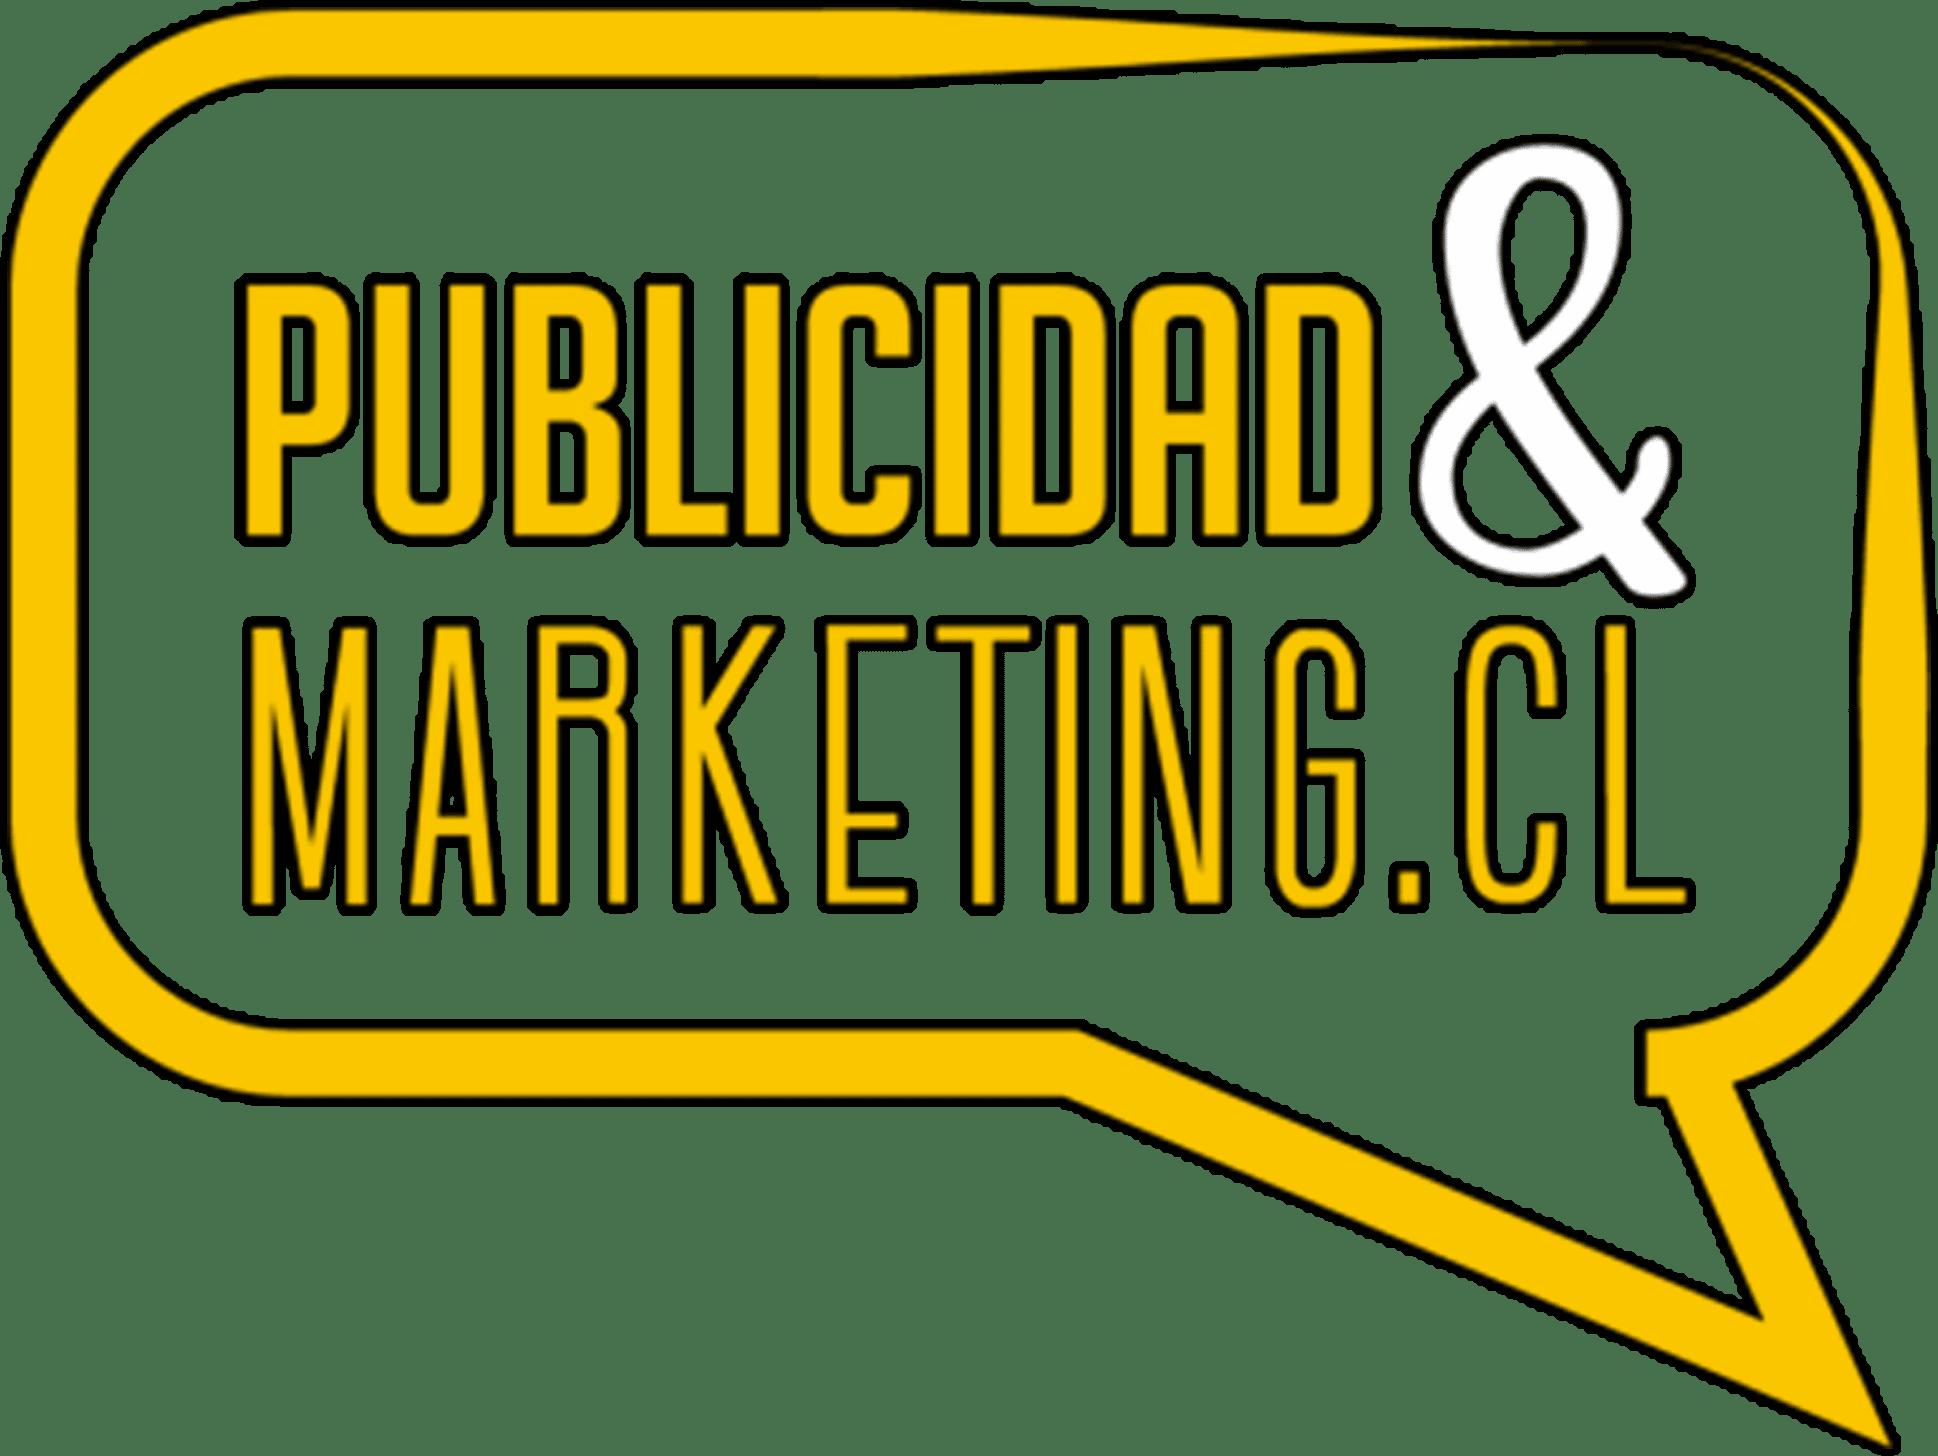 ✅ Marketing – Publicidad – Atención 24/7 – Cotízanos no te Arrepentirás!